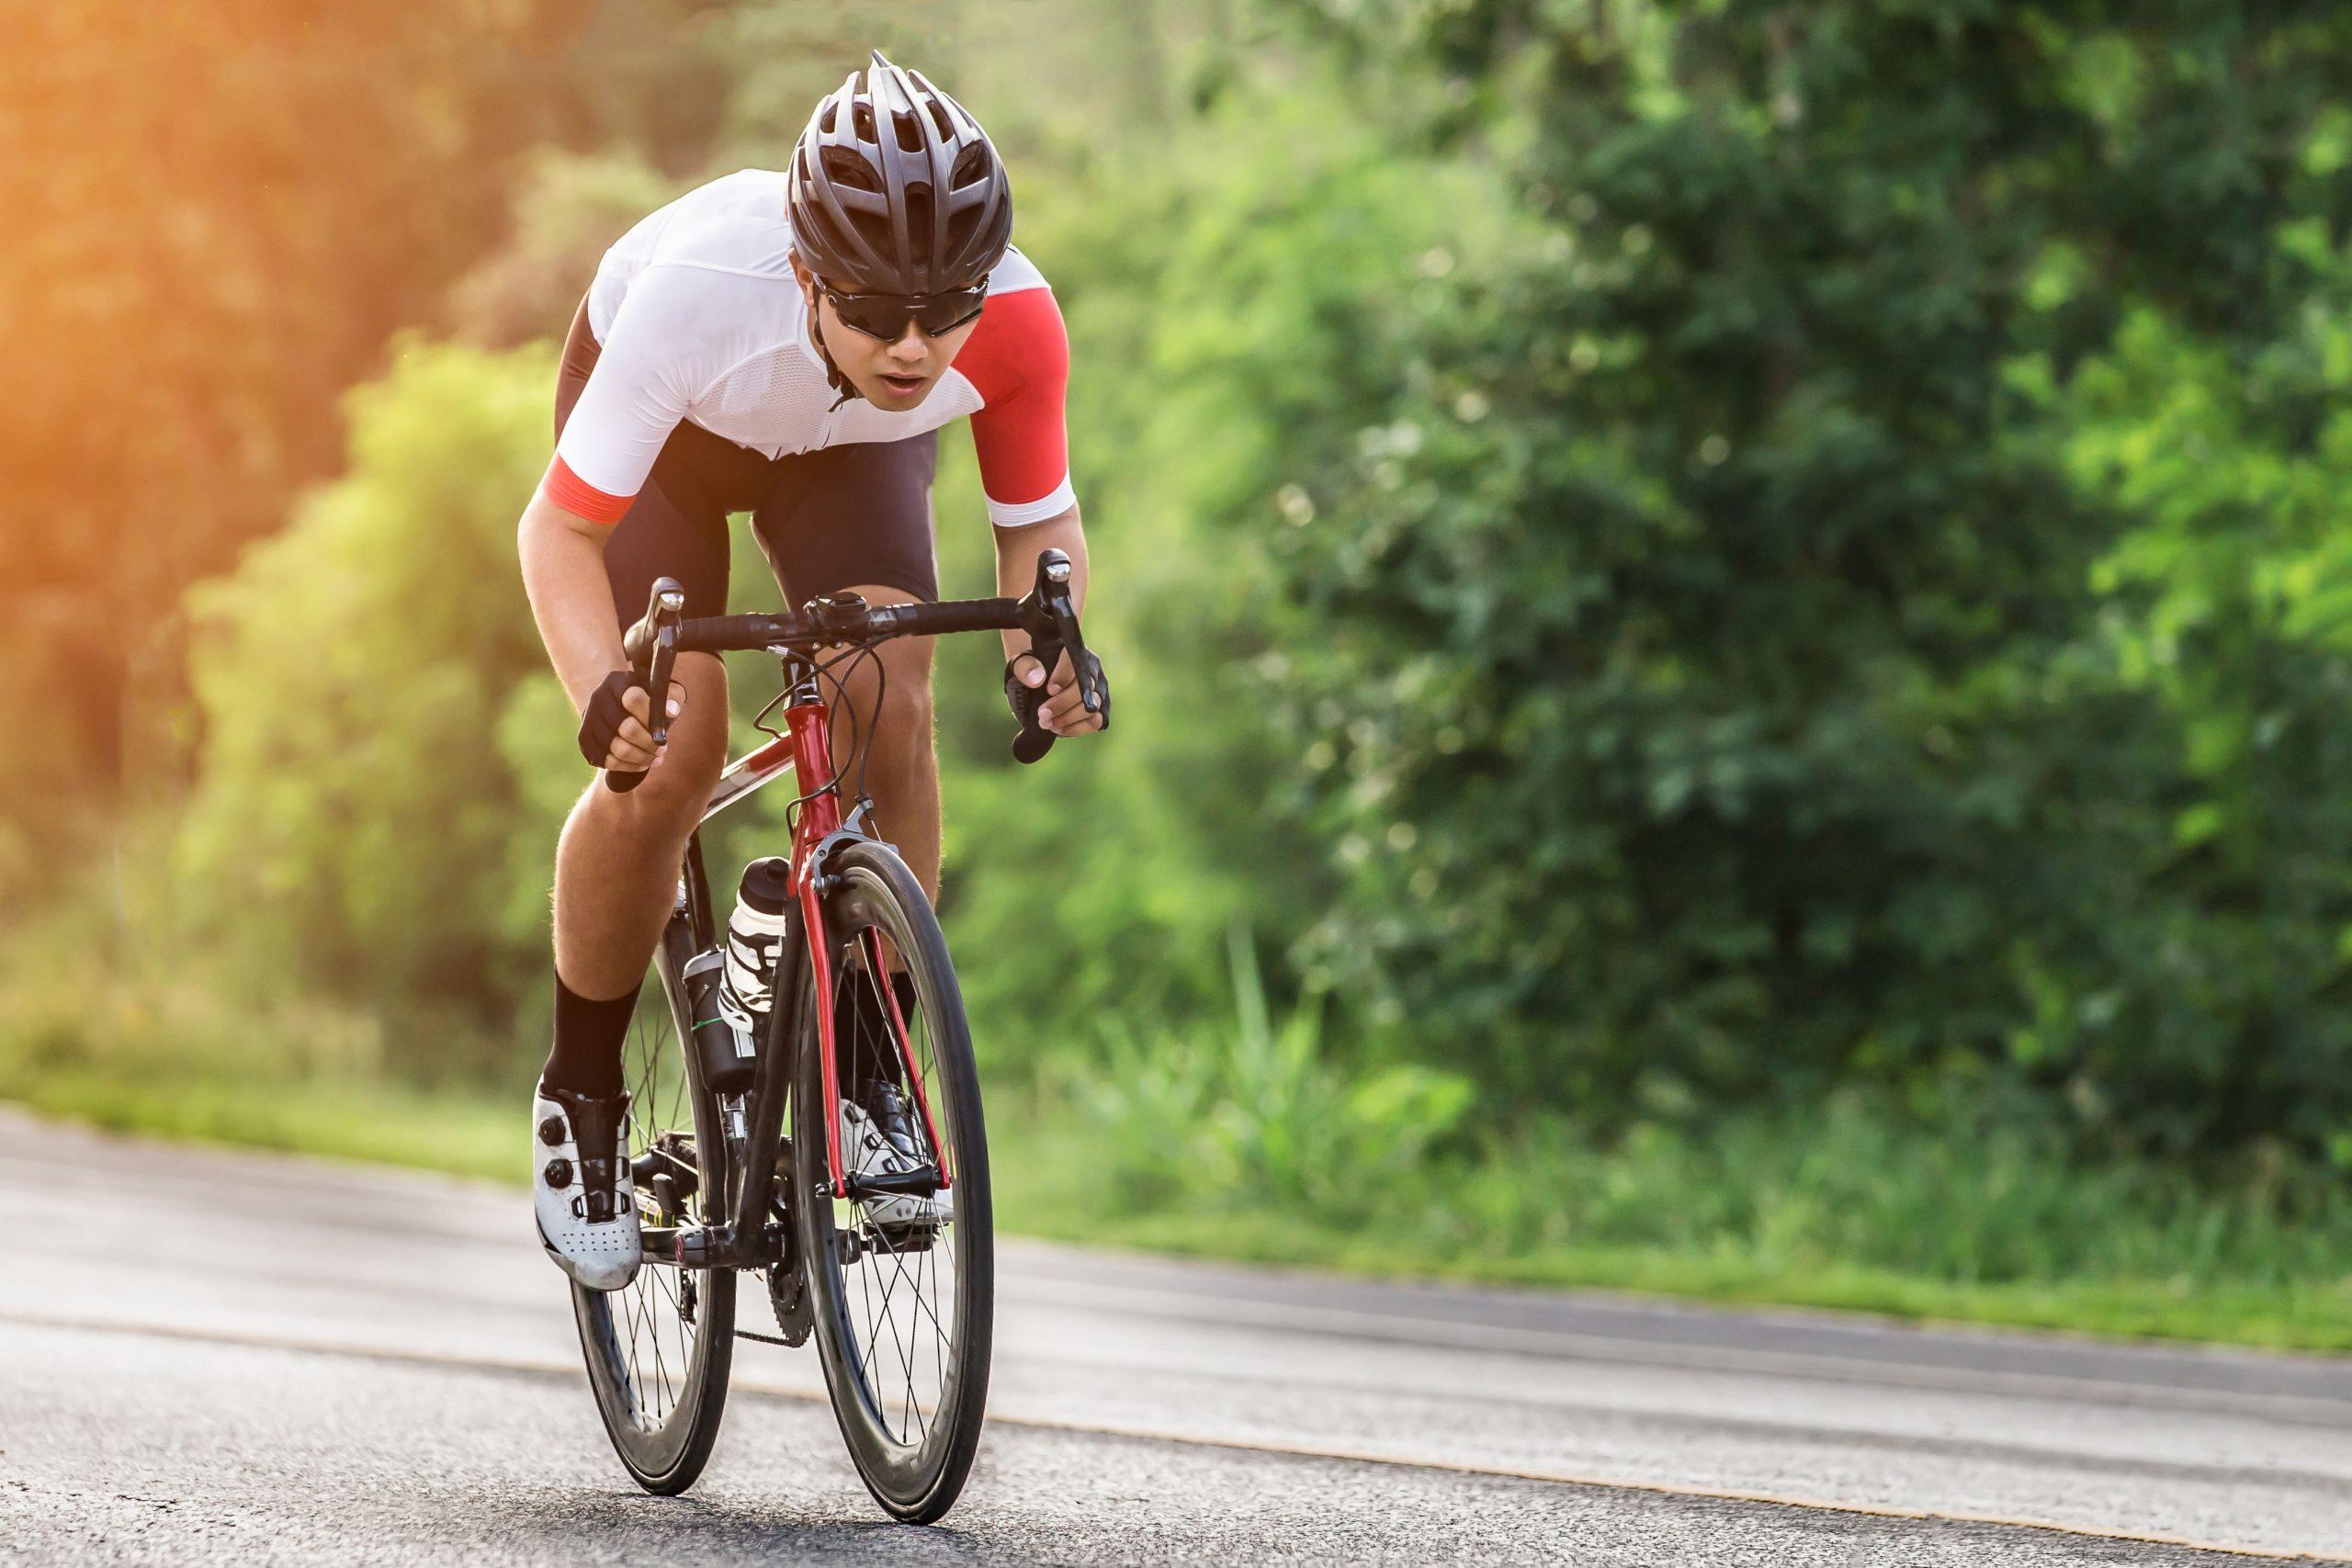 manfaat bersepeda bagi pria